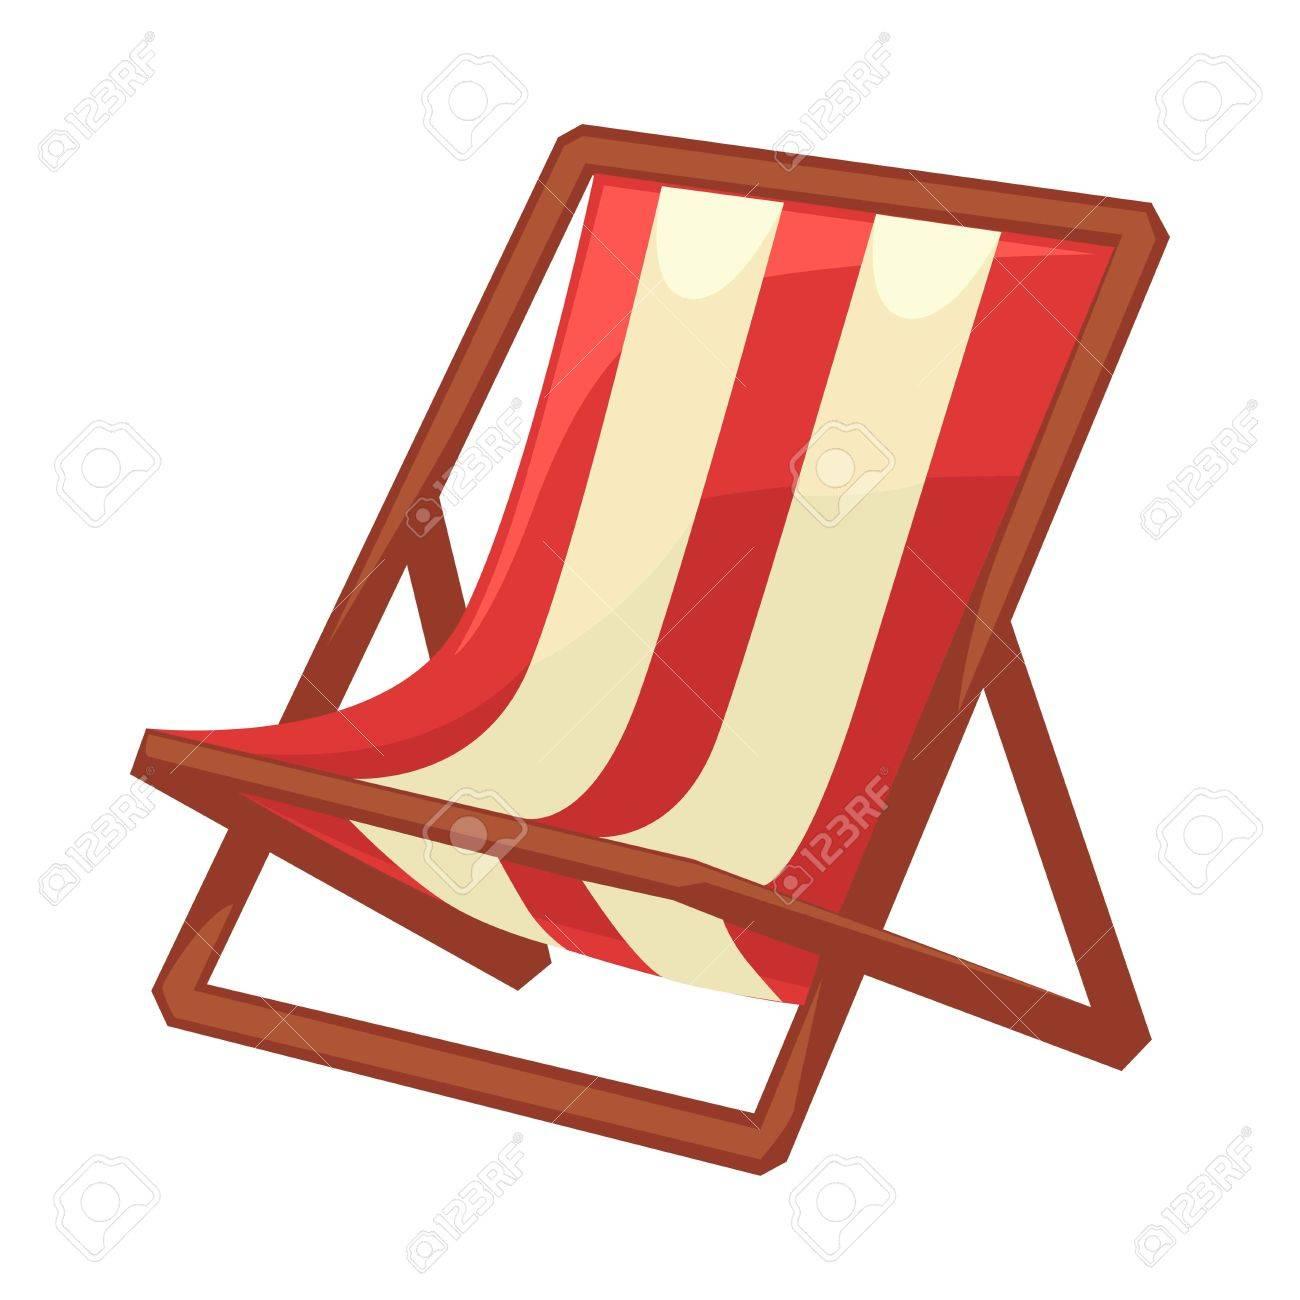 Chaise Longue Pliante Avec Tissu Ray Et Carcasses De Bois Sur Blanc